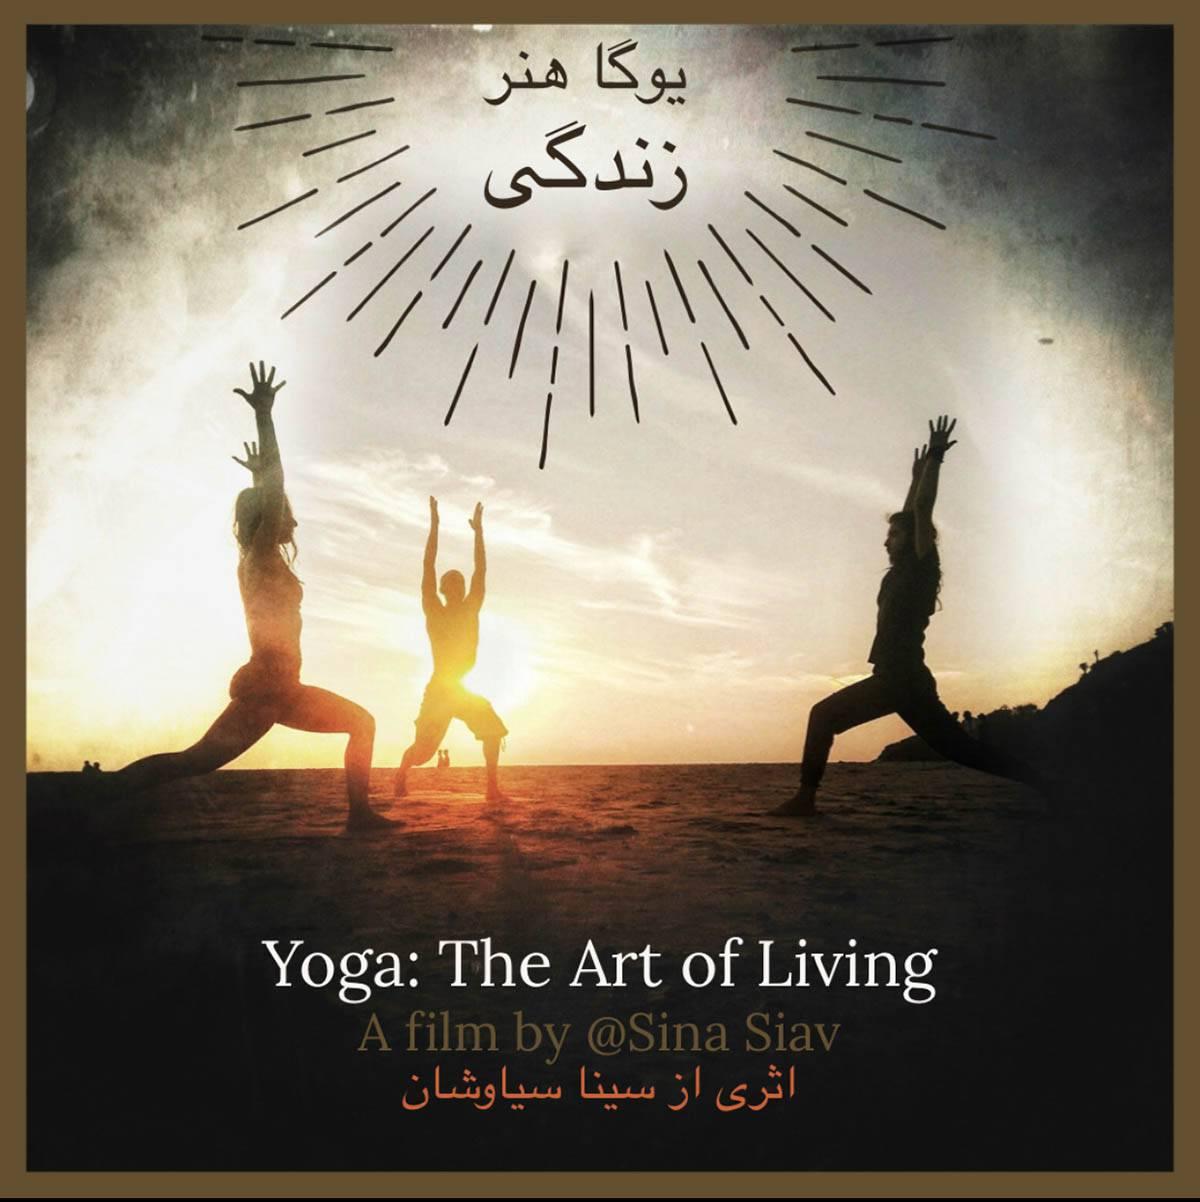 اولین قسمت مجموعهی «یوگا: هنر ِ زندگی» – ستون فقرات (وضعیت های نشسته)